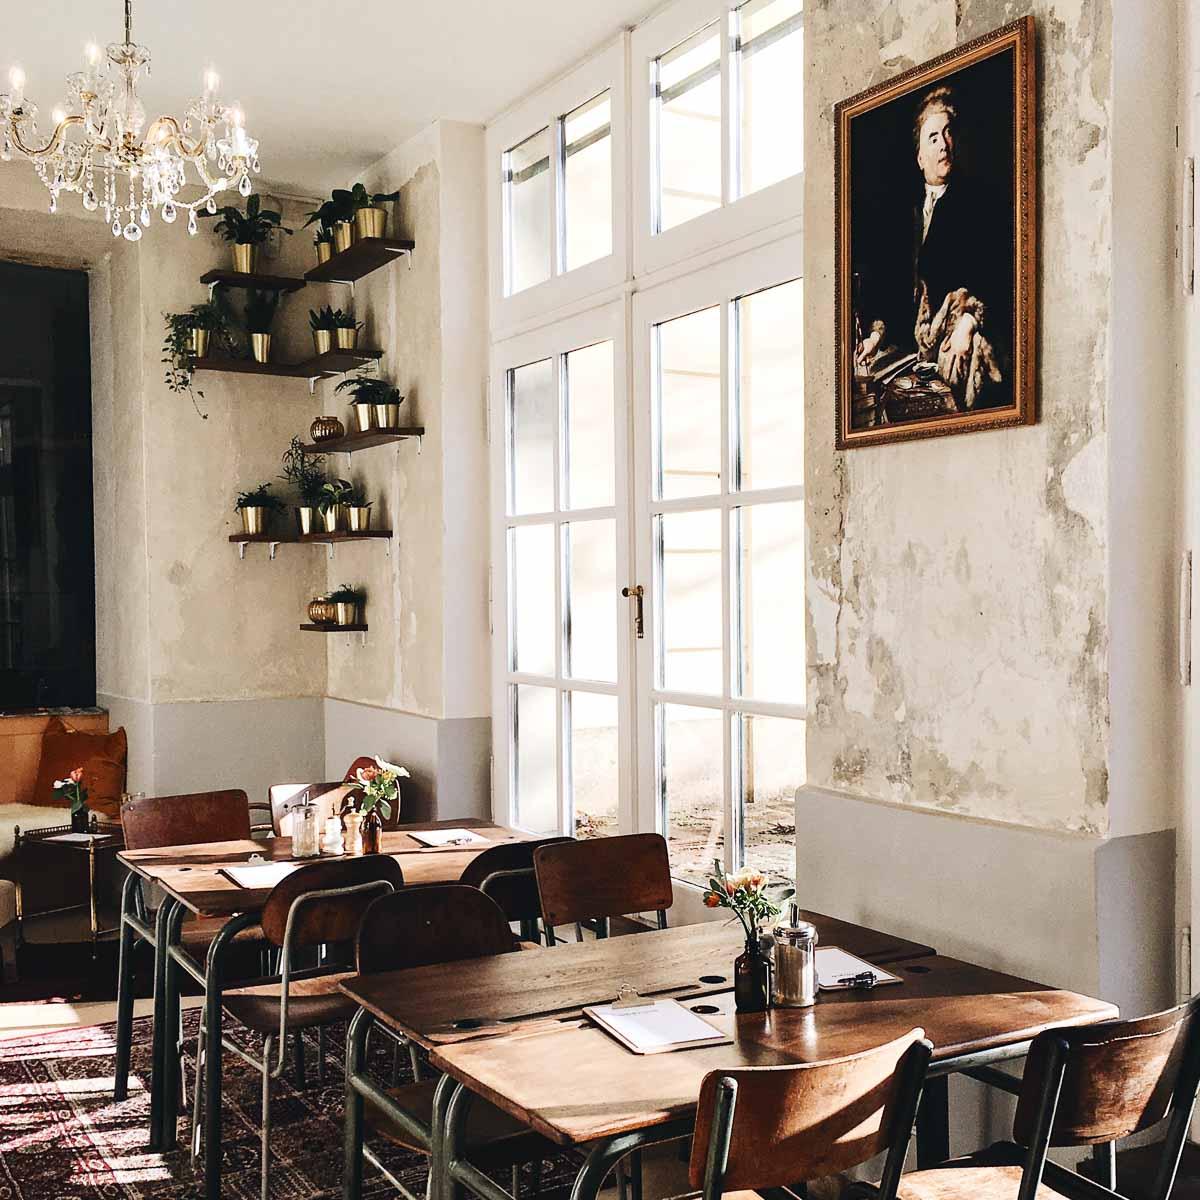 Café Hildebrandt im Gartenpalais Schönborn in Wien